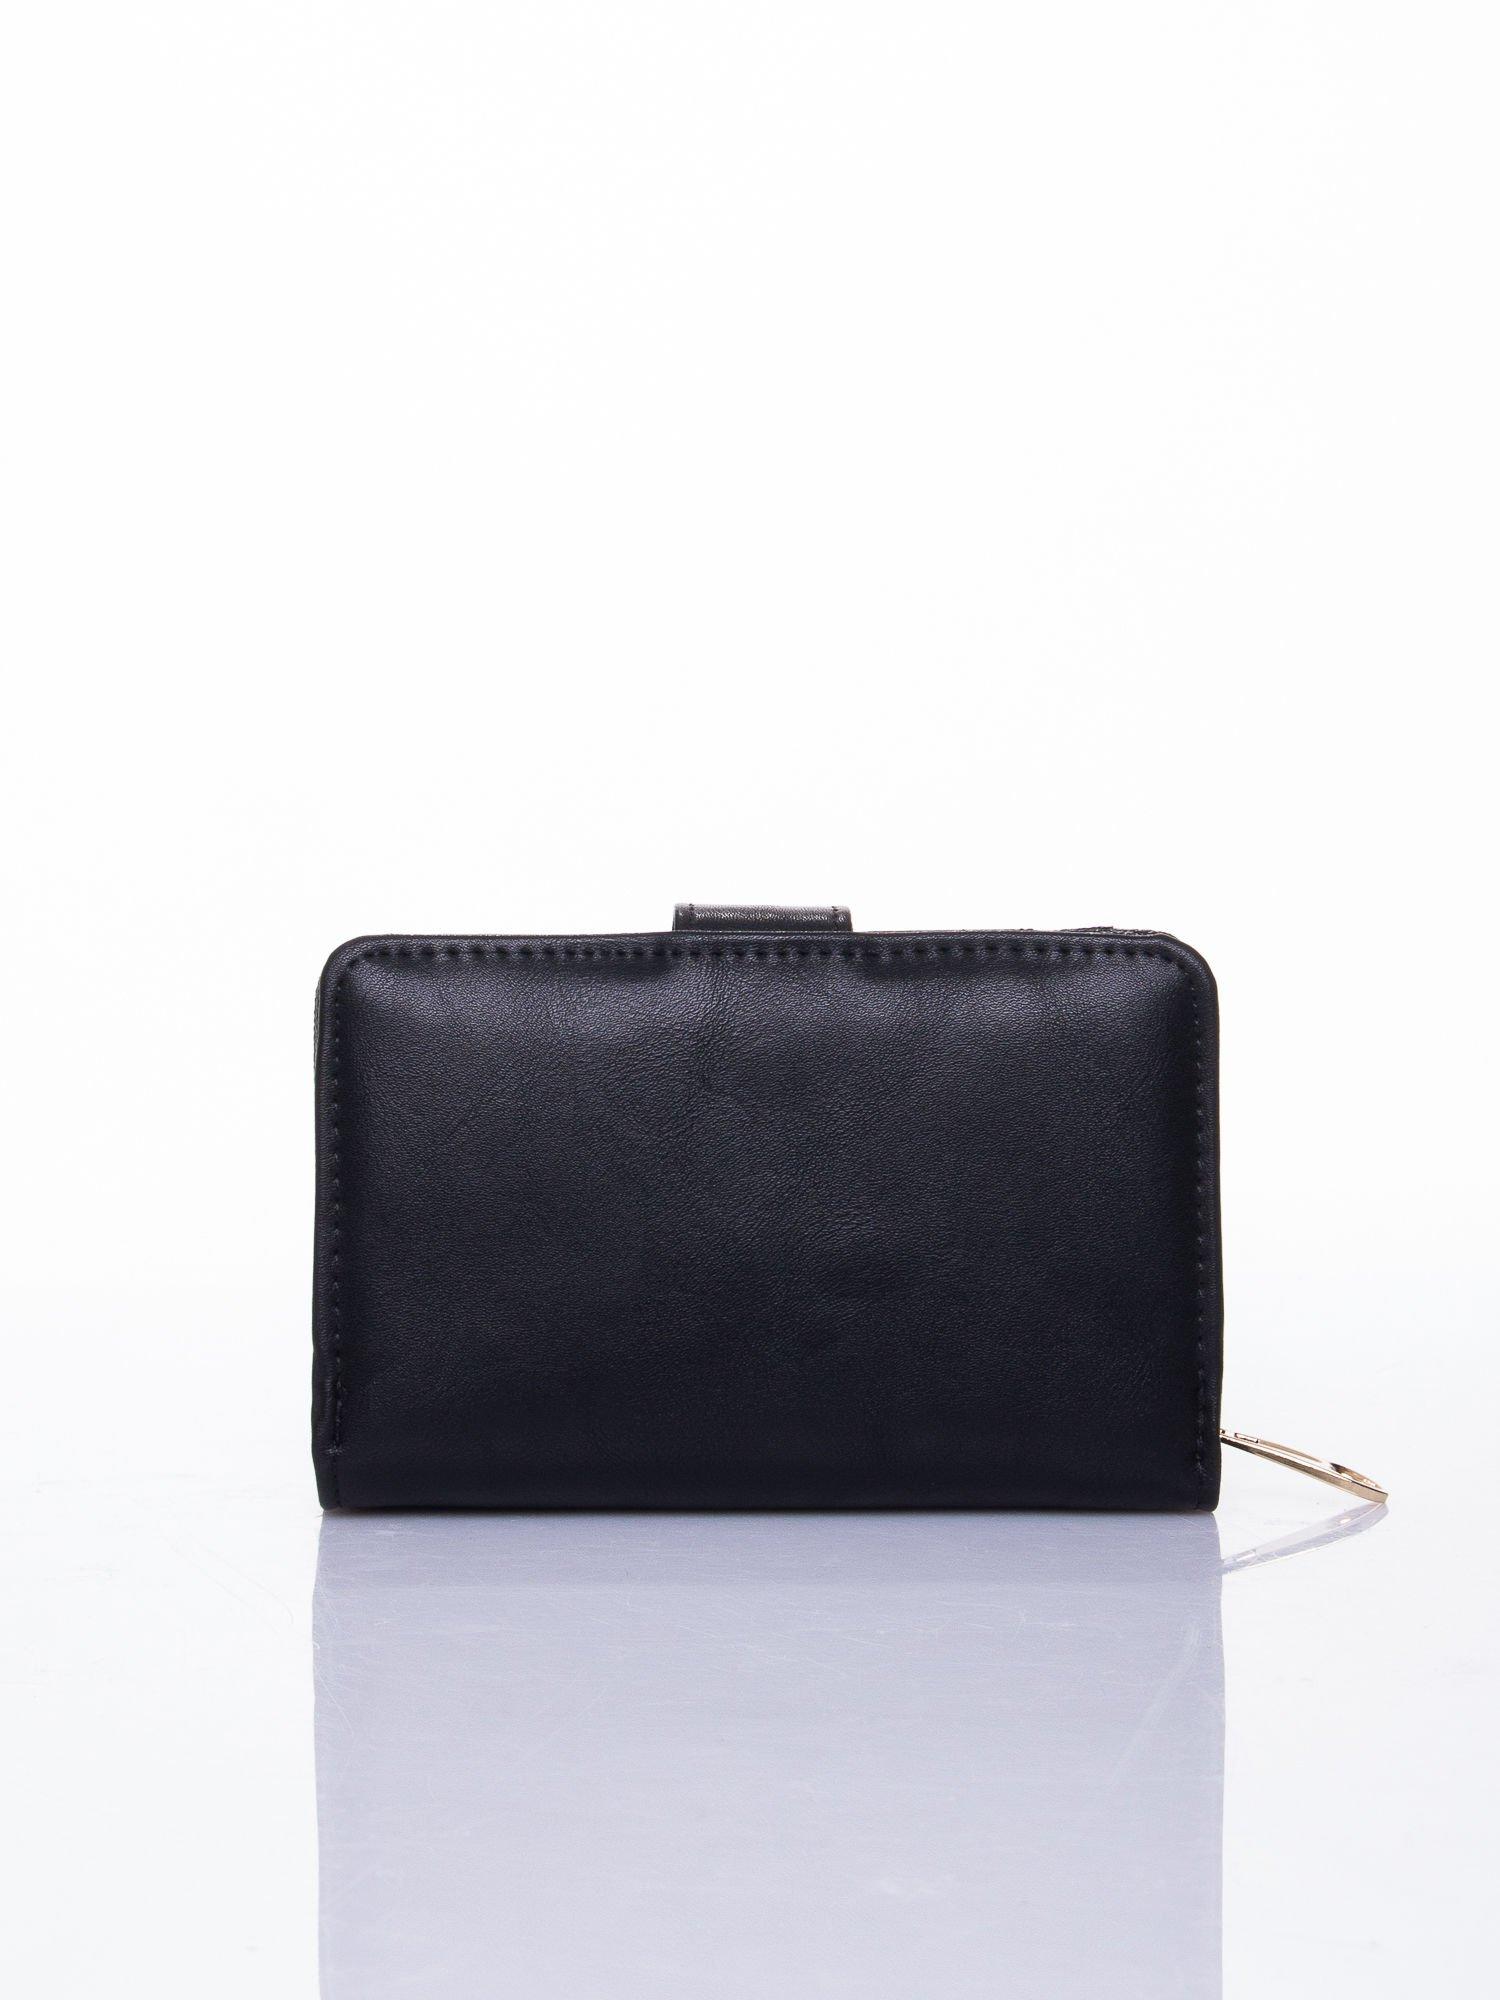 Czarny portfel z zatrzaskiem                                  zdj.                                  2